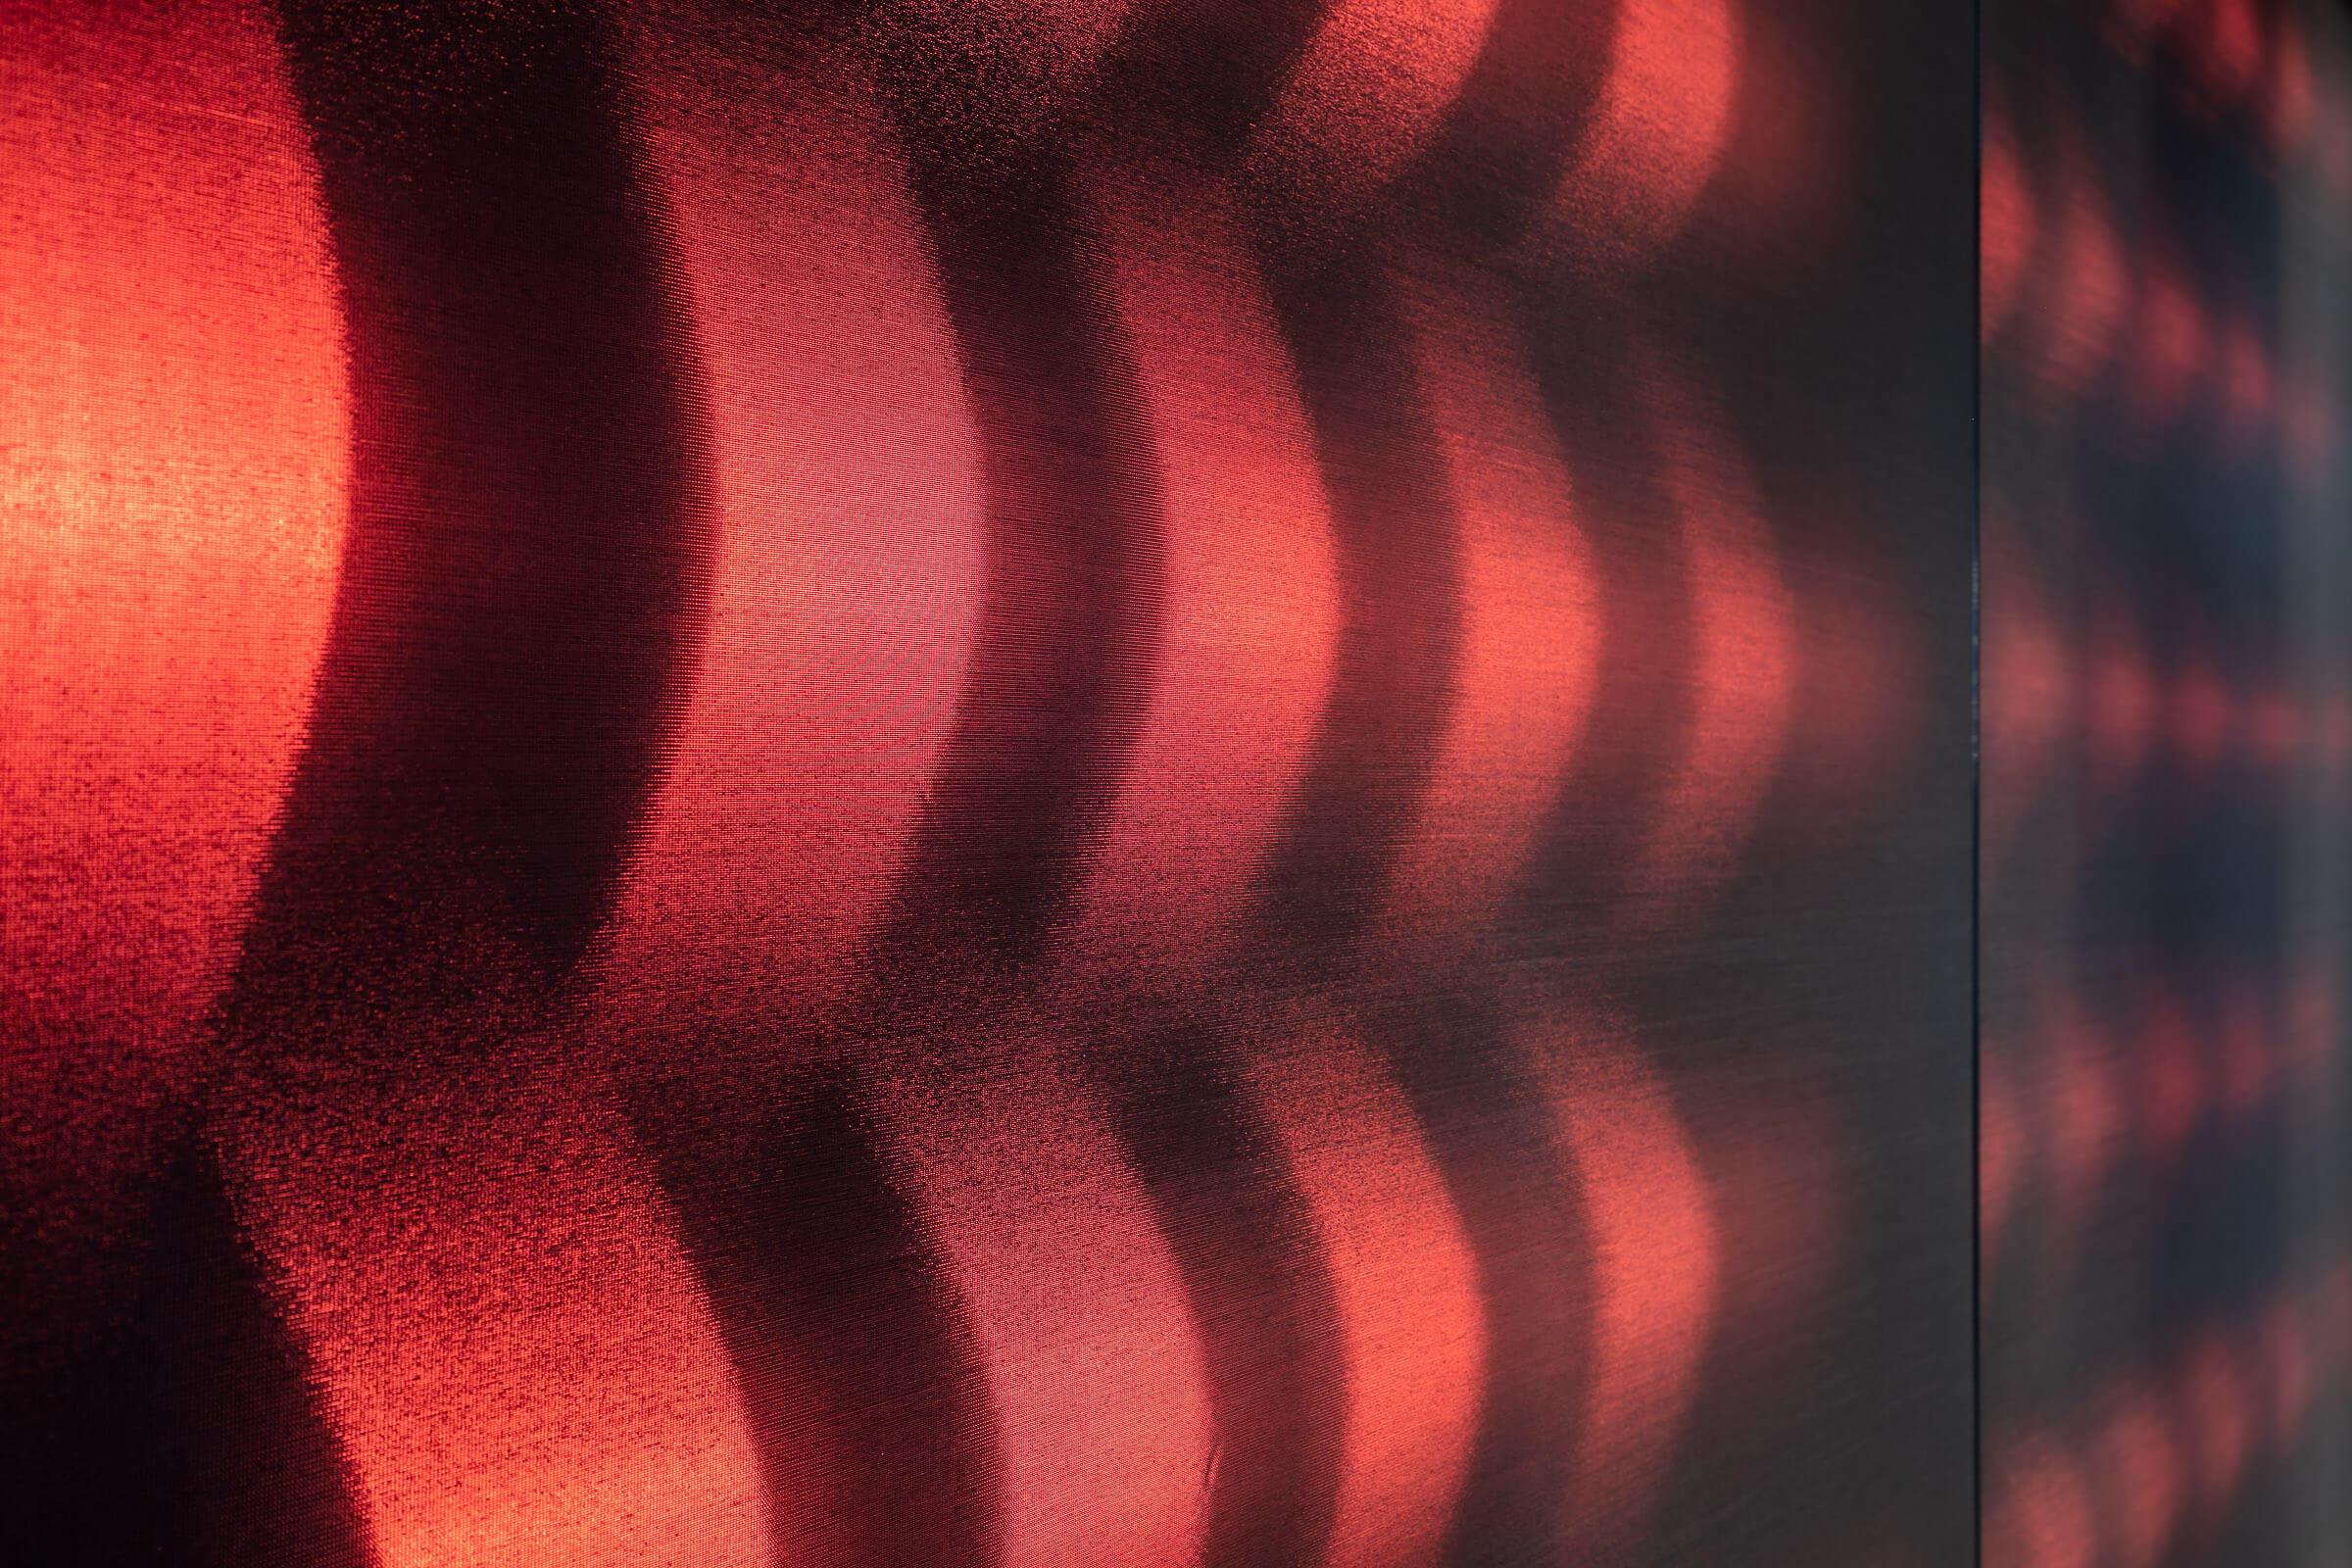 Detailaufnahme von leuchtenden Textilien in LED Leuchtrahmen